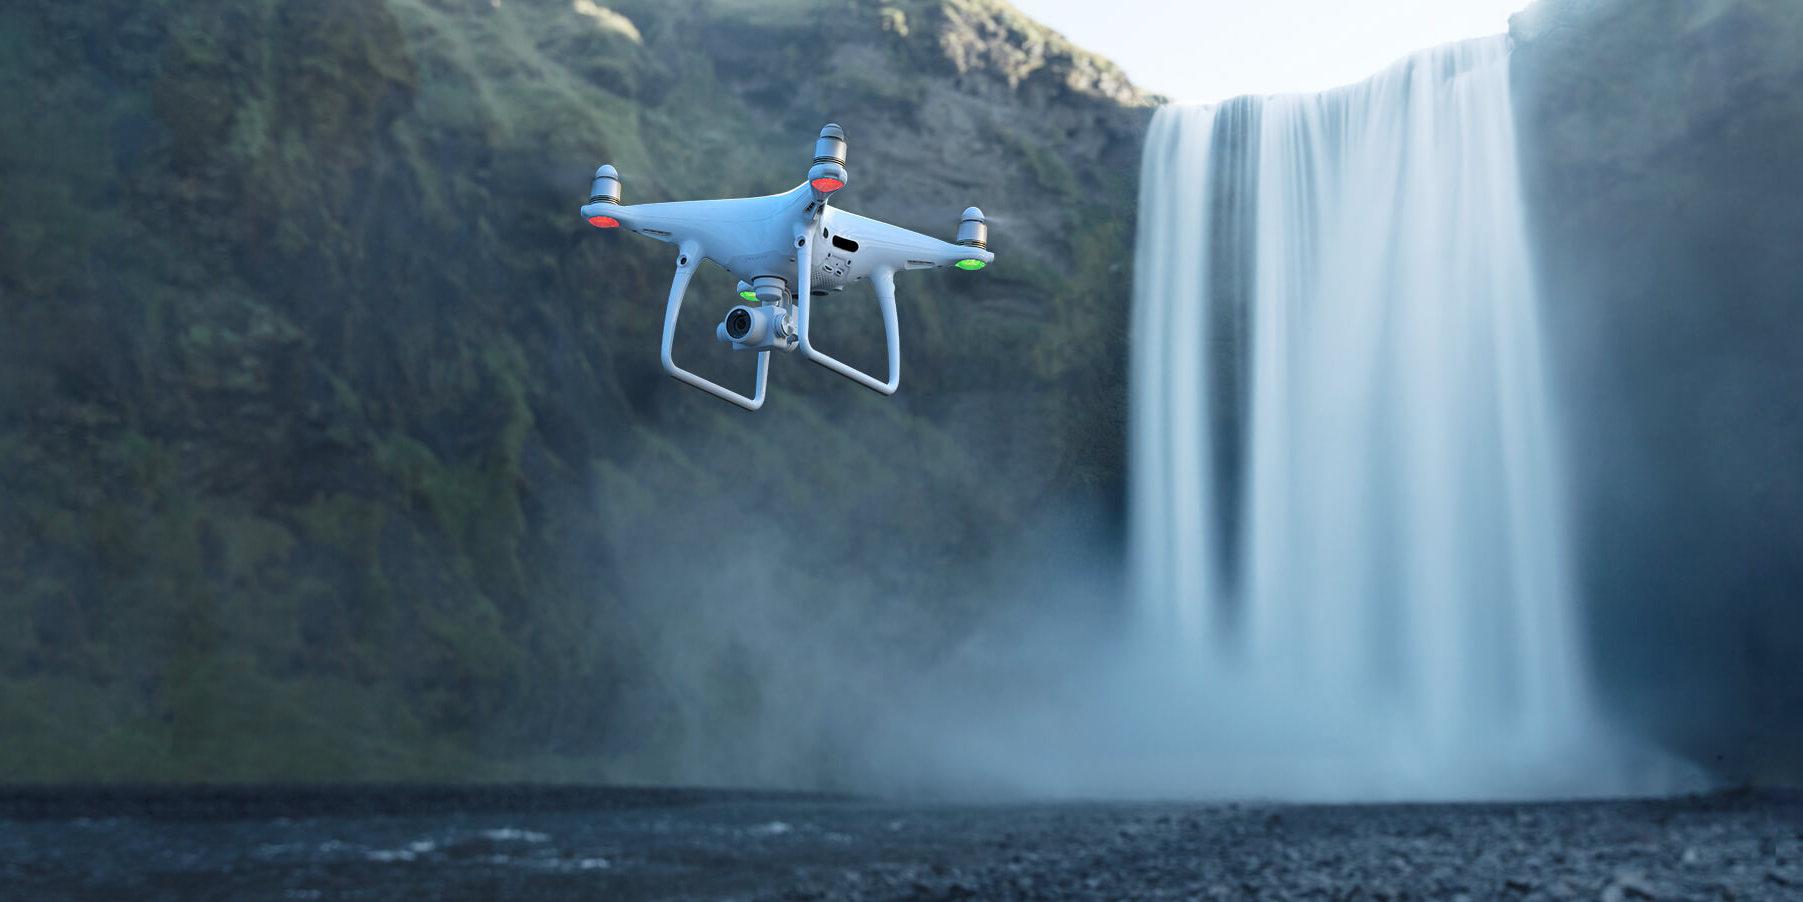 Populární DJI Phantom 4 vydrží ve vzduchu jen 30 minut